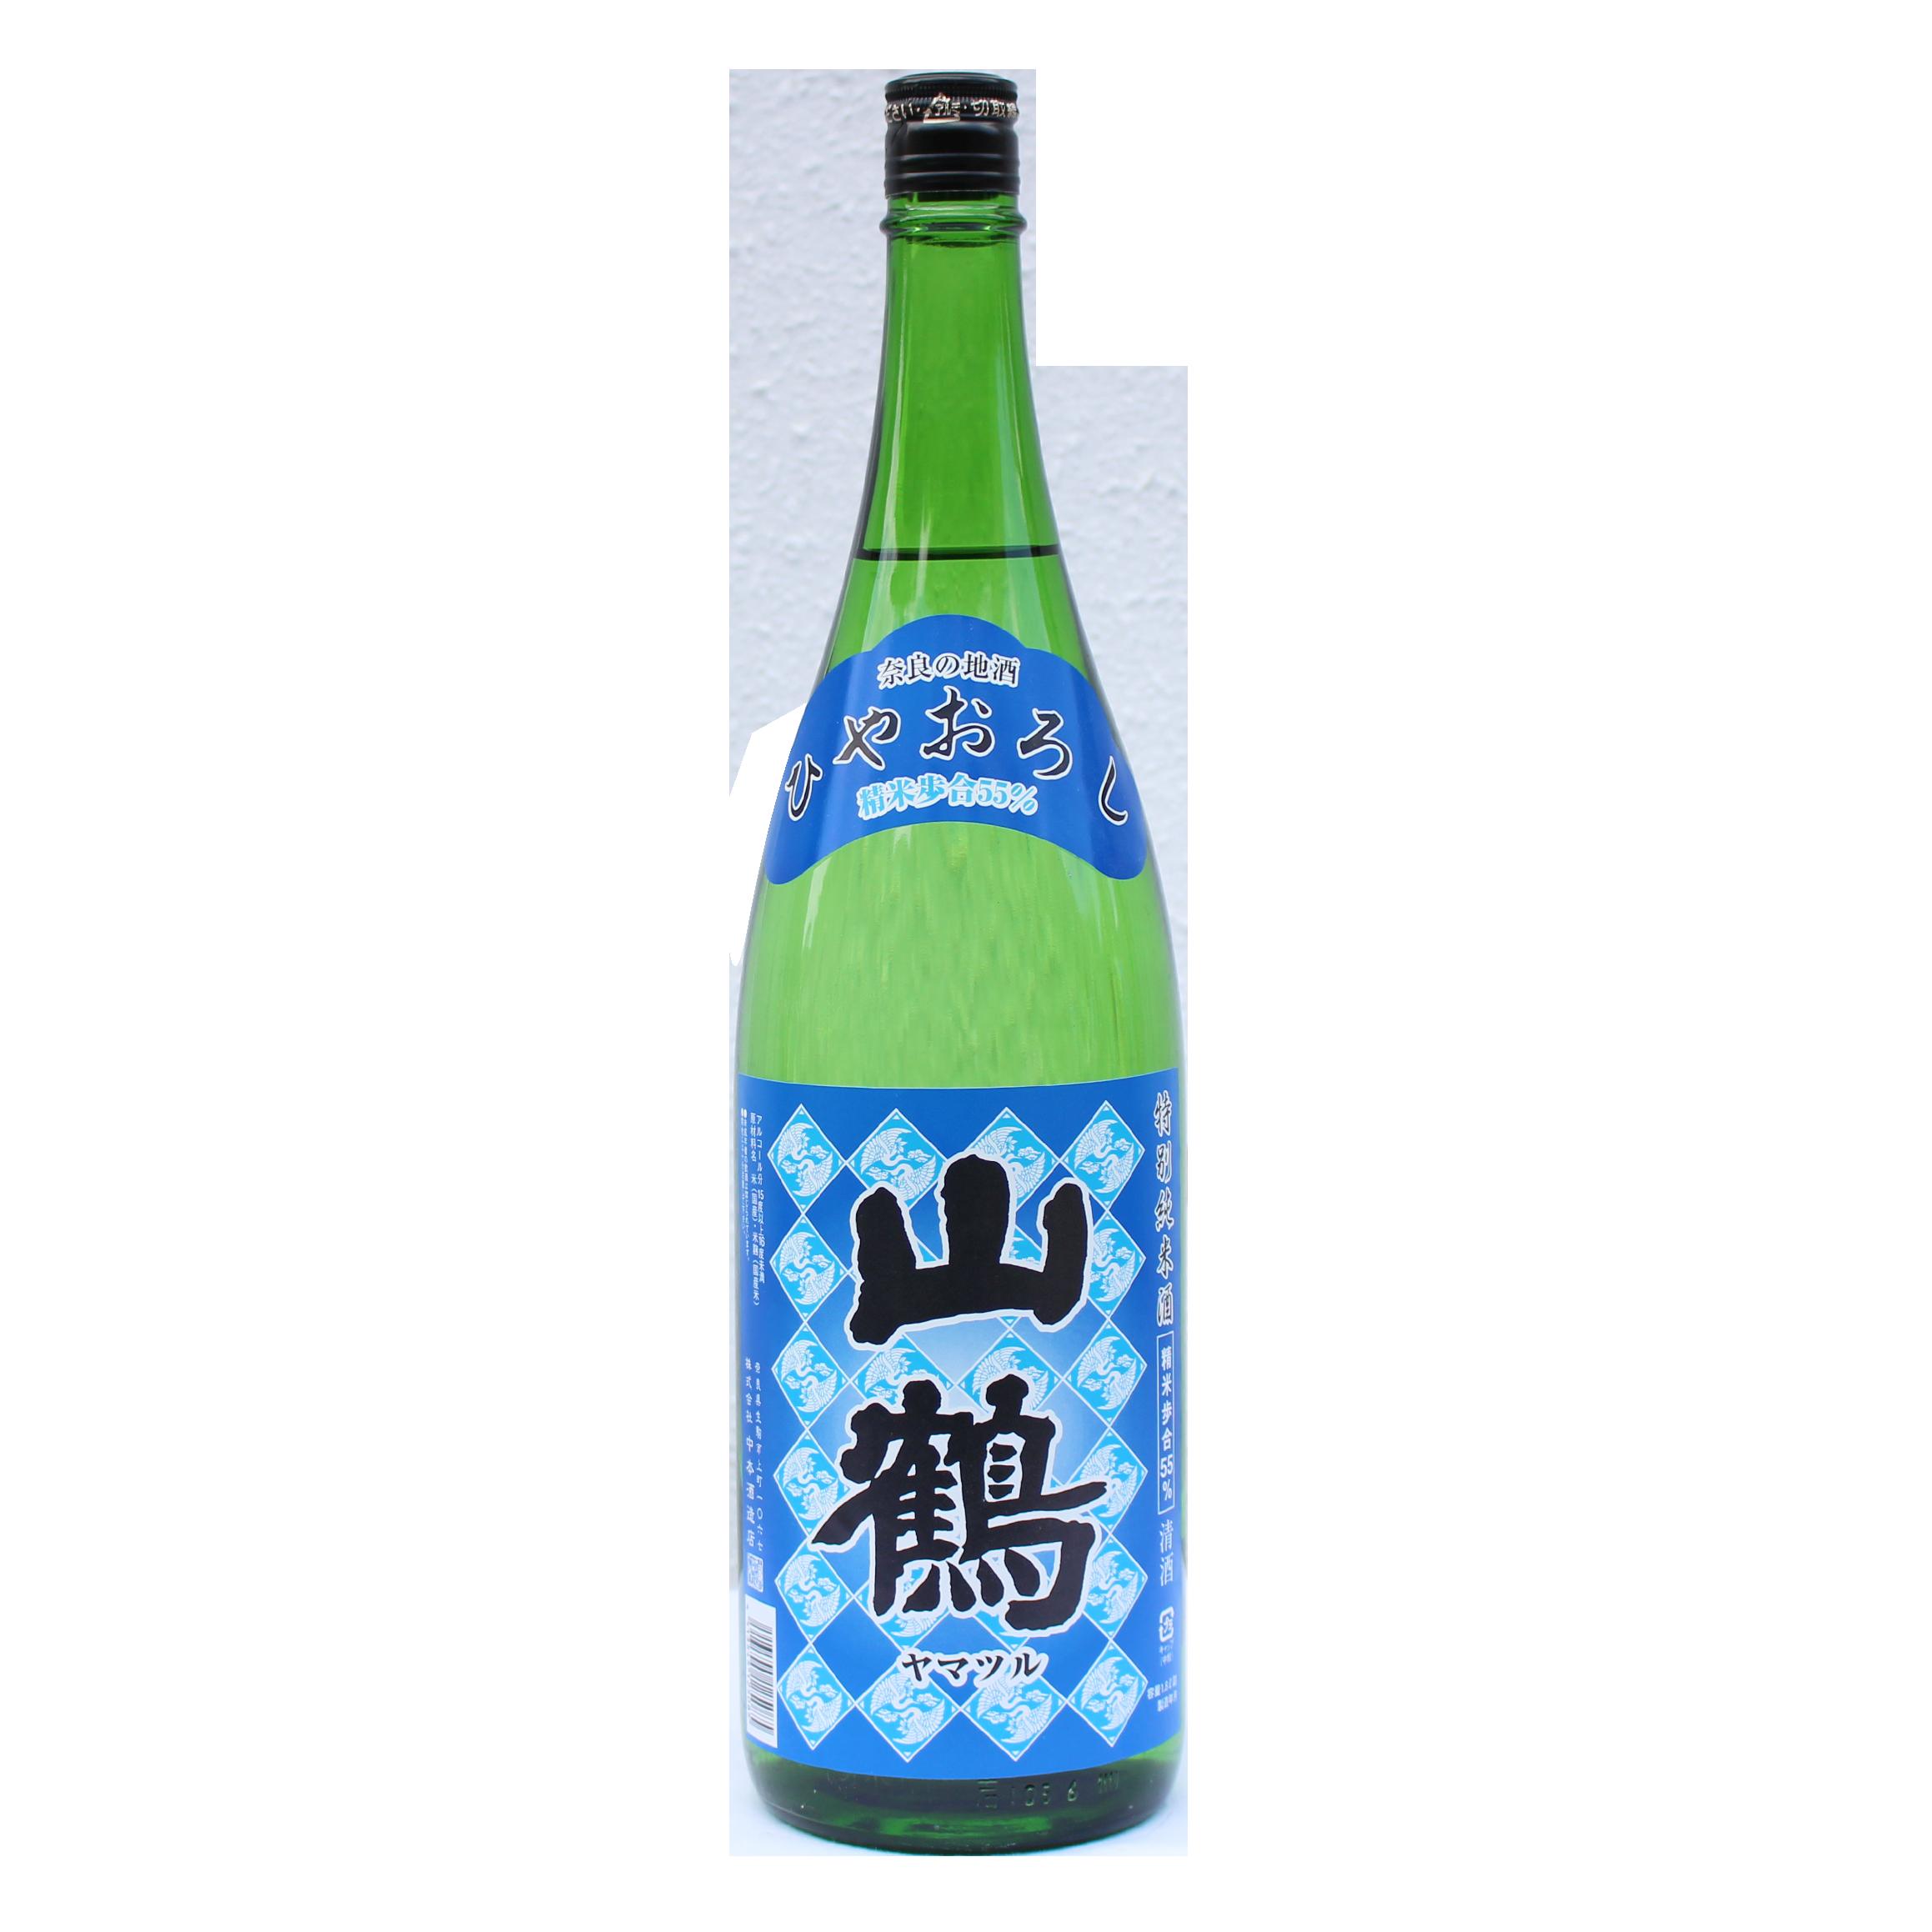 特別純米酒ひやおろし(9月〜11月) 1.8L